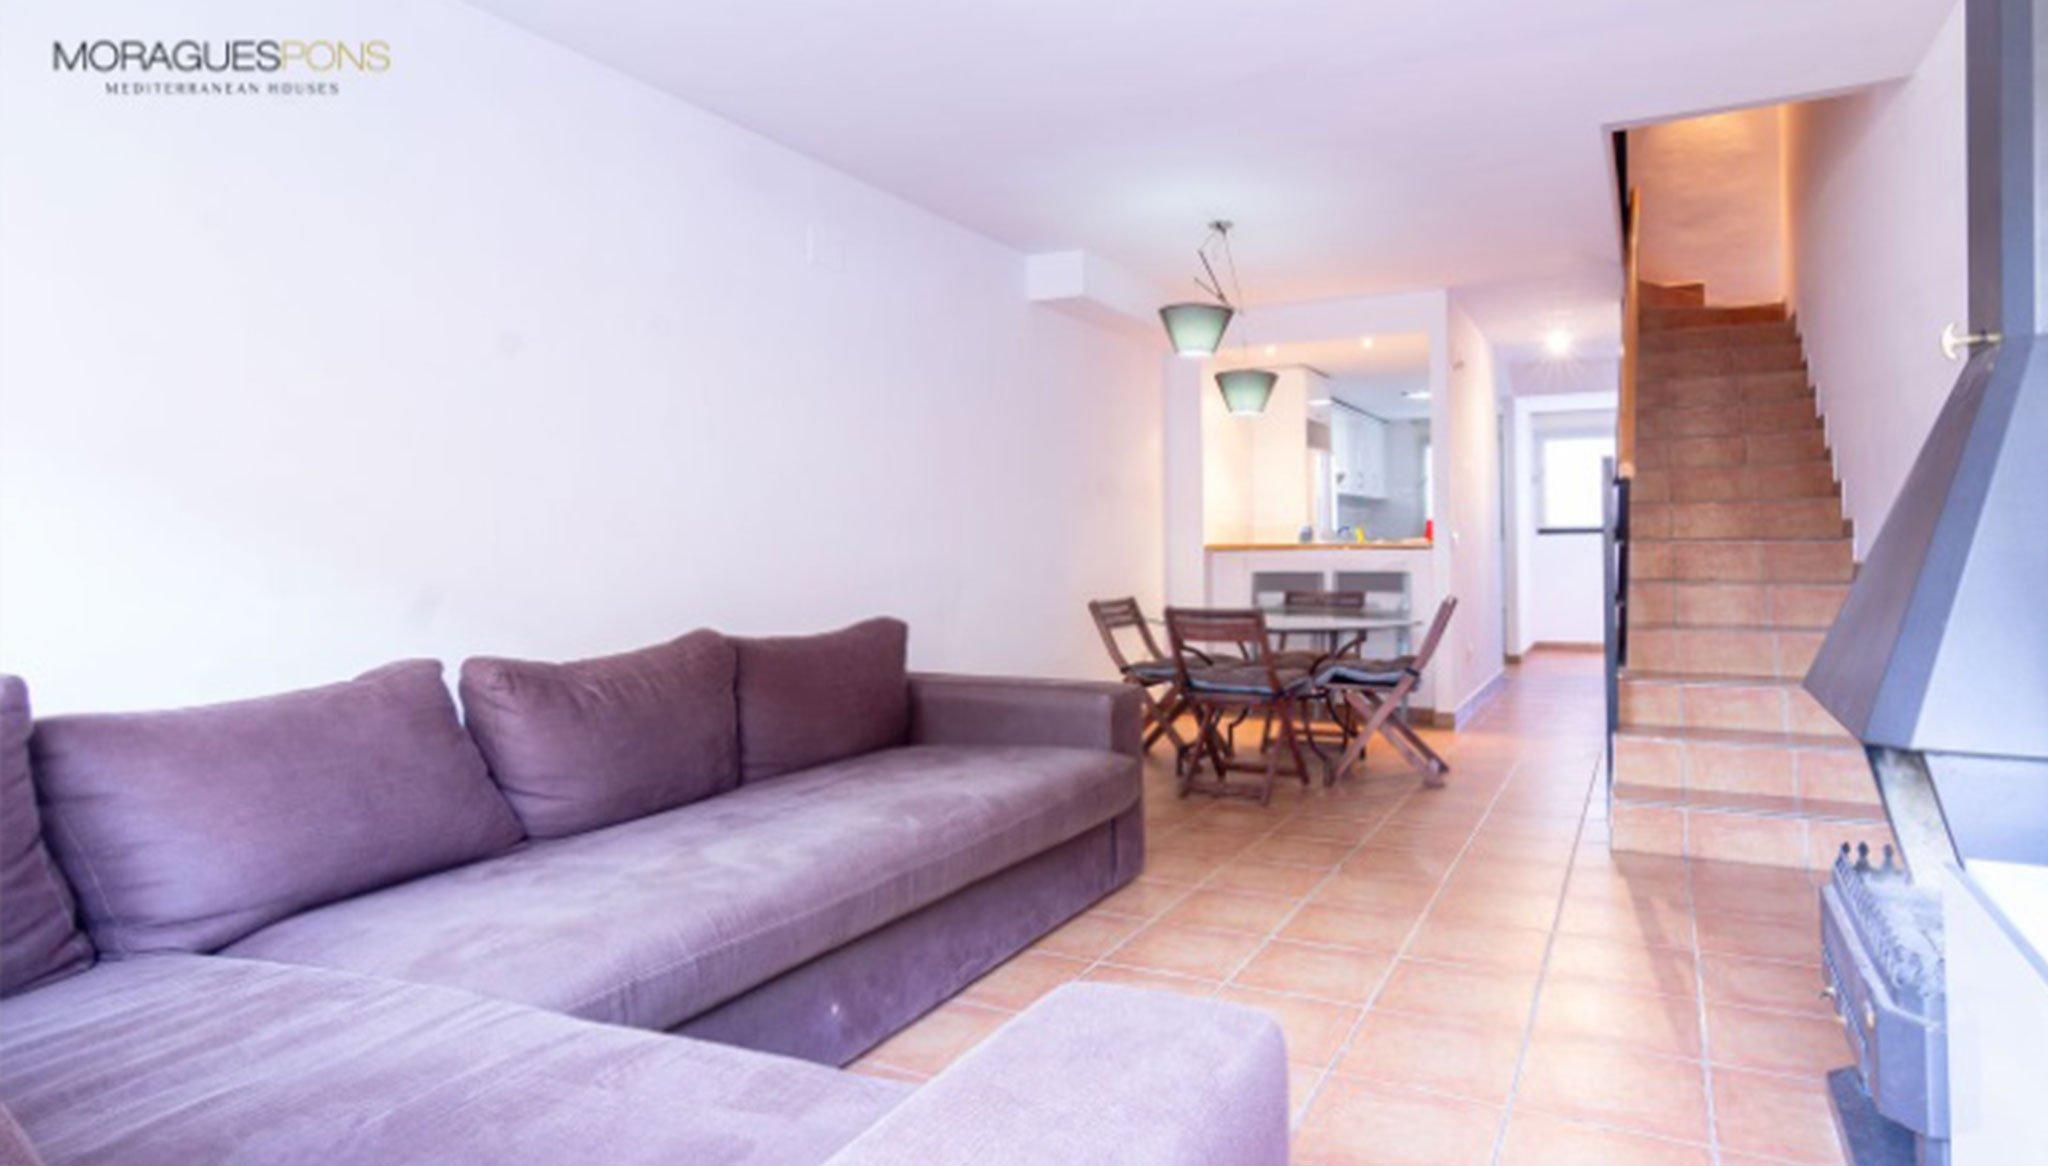 Salón de un adosado en venta en Jávea – MORAGUESPONS Mediterranean Houses